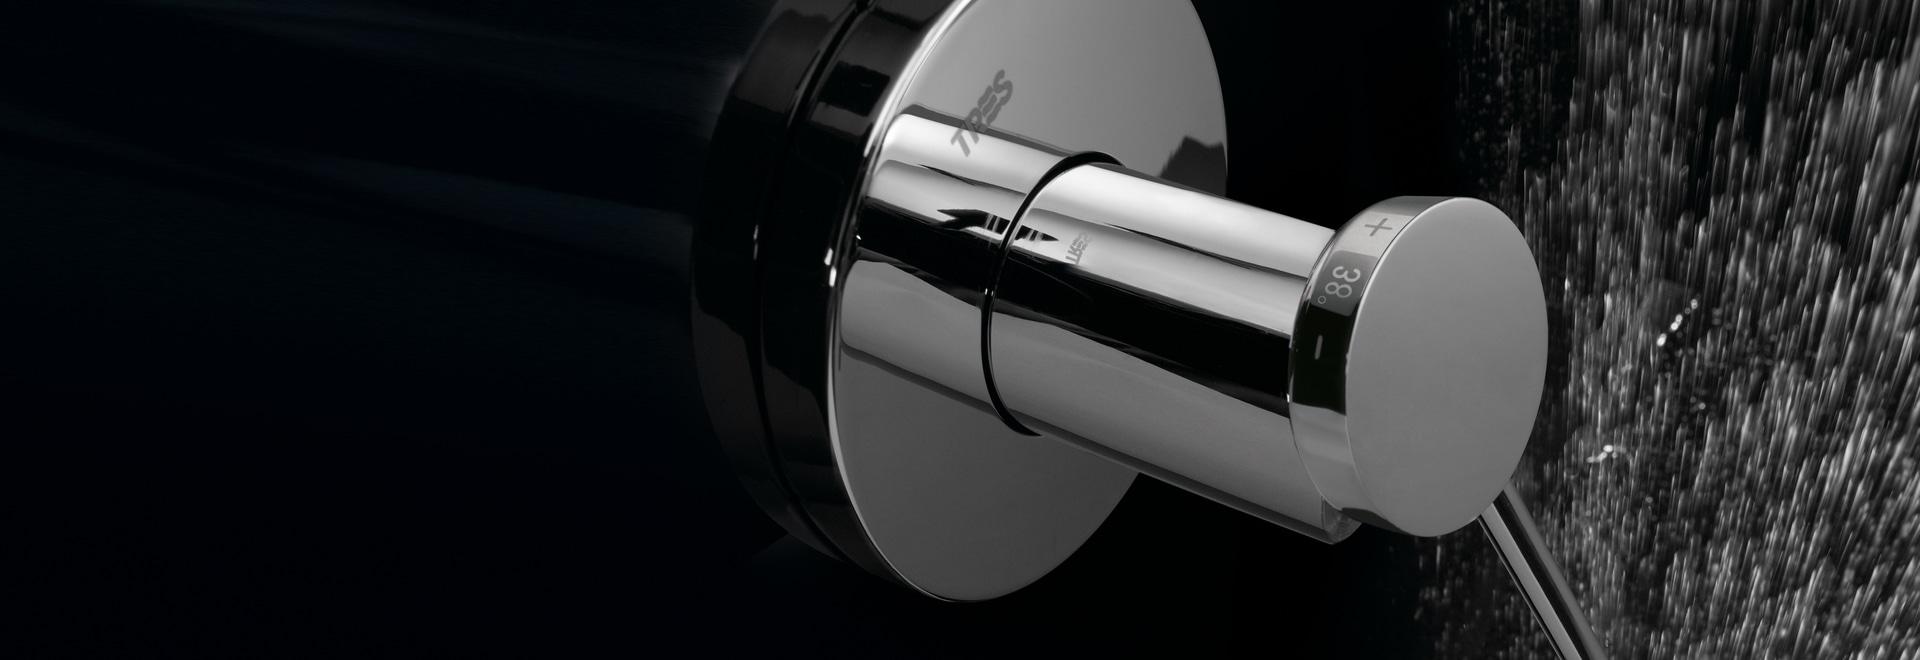 10 connaître vous de faut de qu'il d'avantages de la robinetterie MONO-TERM®